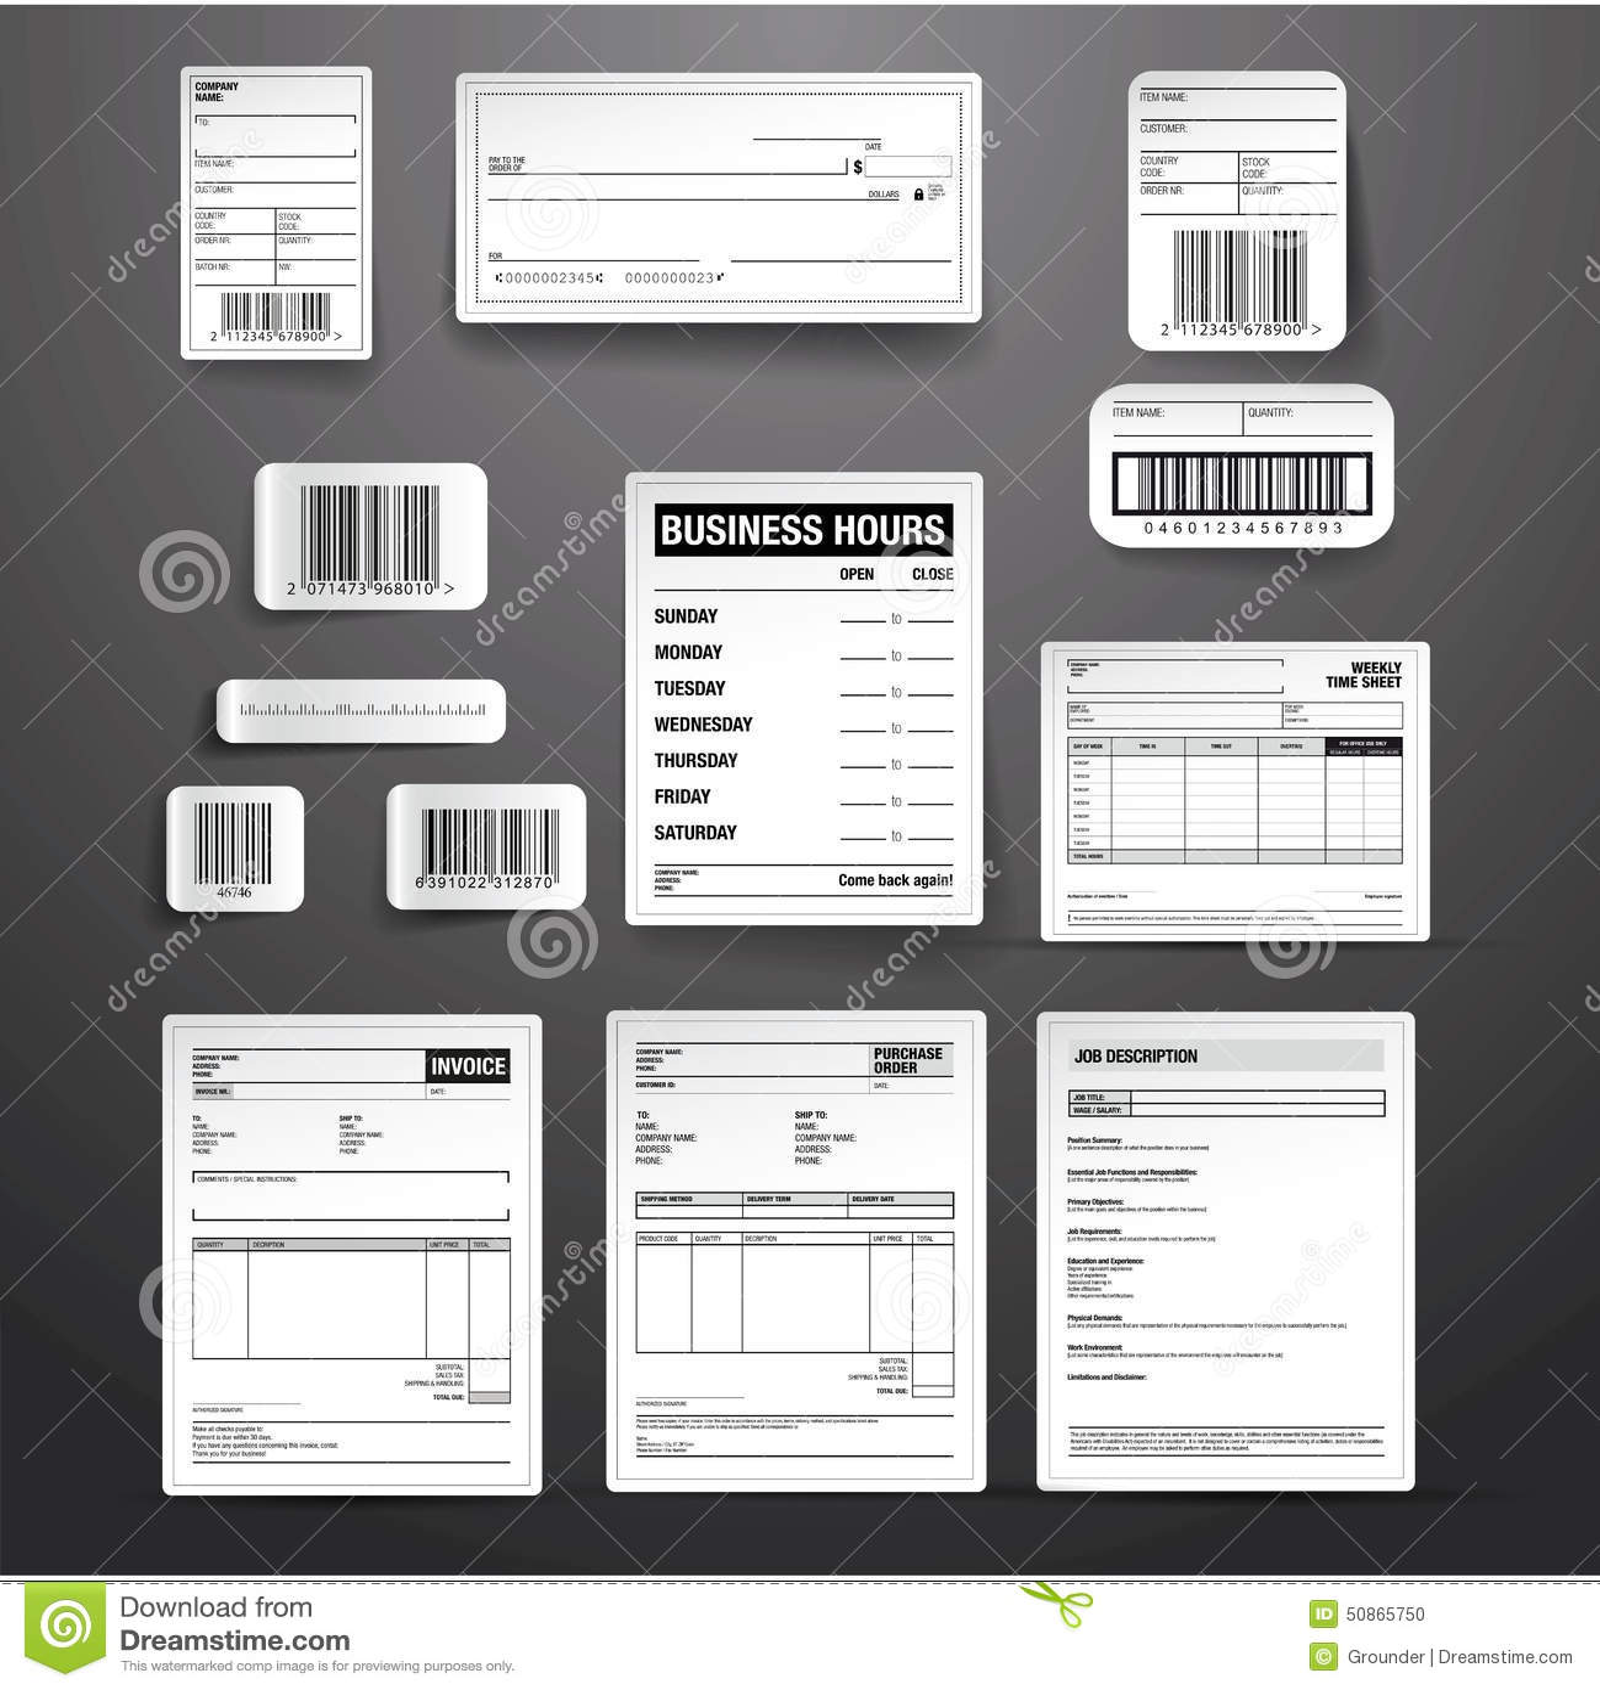 Stock Broker Job Description Samples